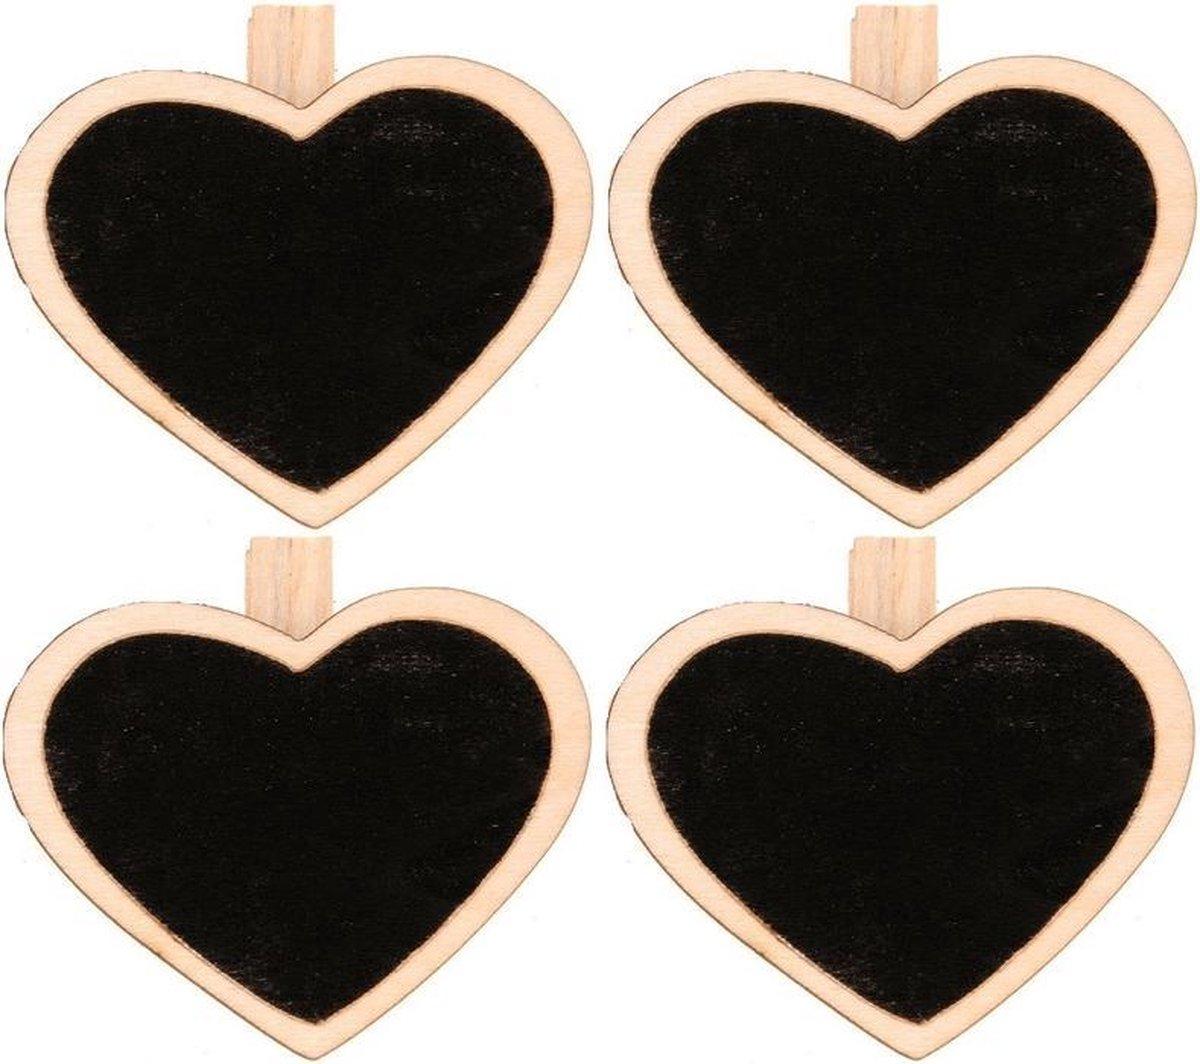 Merkloos / Sans marque 4x Houten mini krijtbordje/schrijfbordje/memobordje hart op knijper 5 cm Hobby/knutselbenodigdheden tekenbord Home deco Woonaccessoires/decoratie online kopen